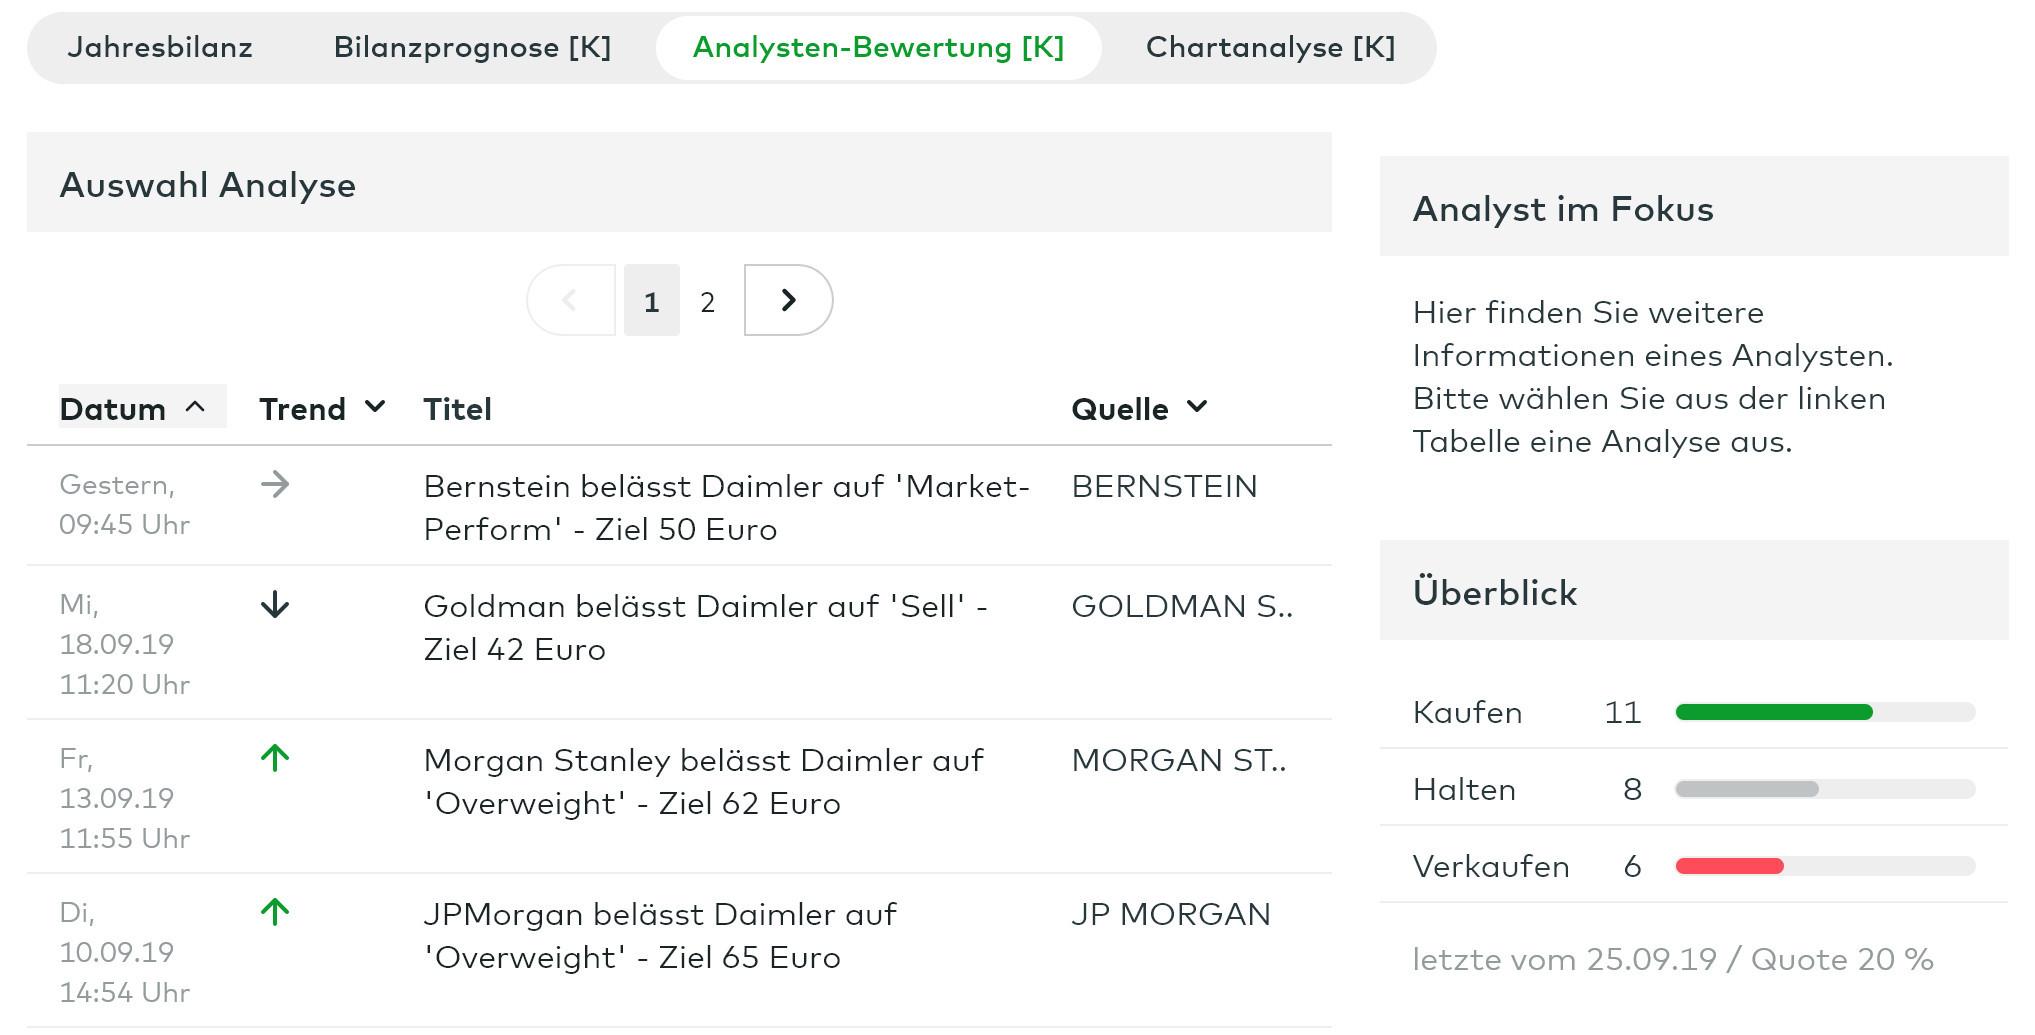 Hier steht nur eines fest: Mindestens 14 von 25 Analysten liegen bei Daimler zur Zeit falsch.